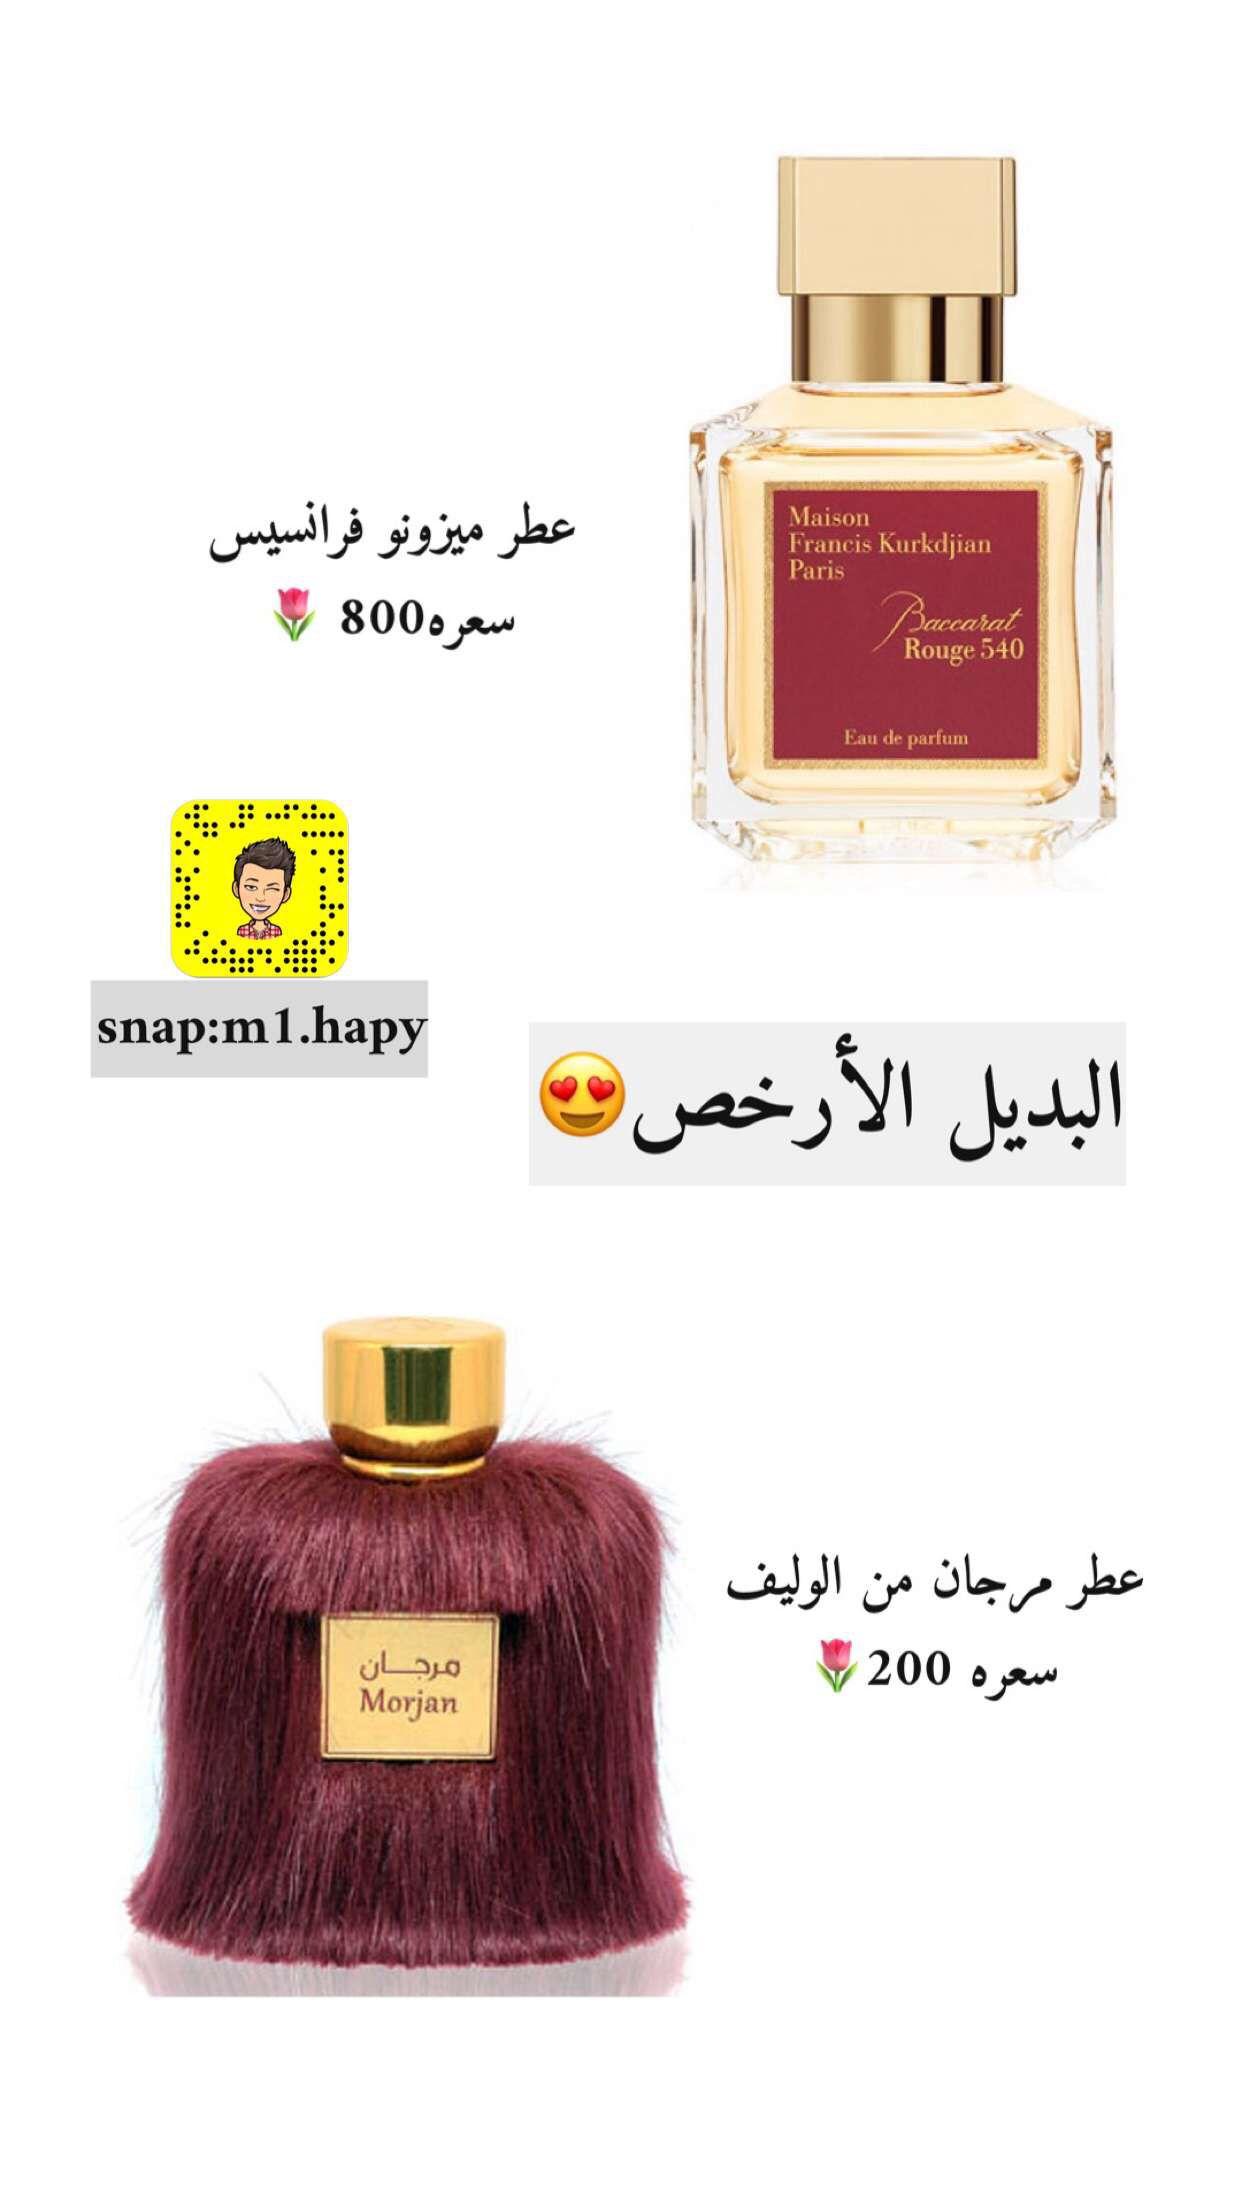 البديل الارخص عطر Perfume Bottles Perfume Rouge